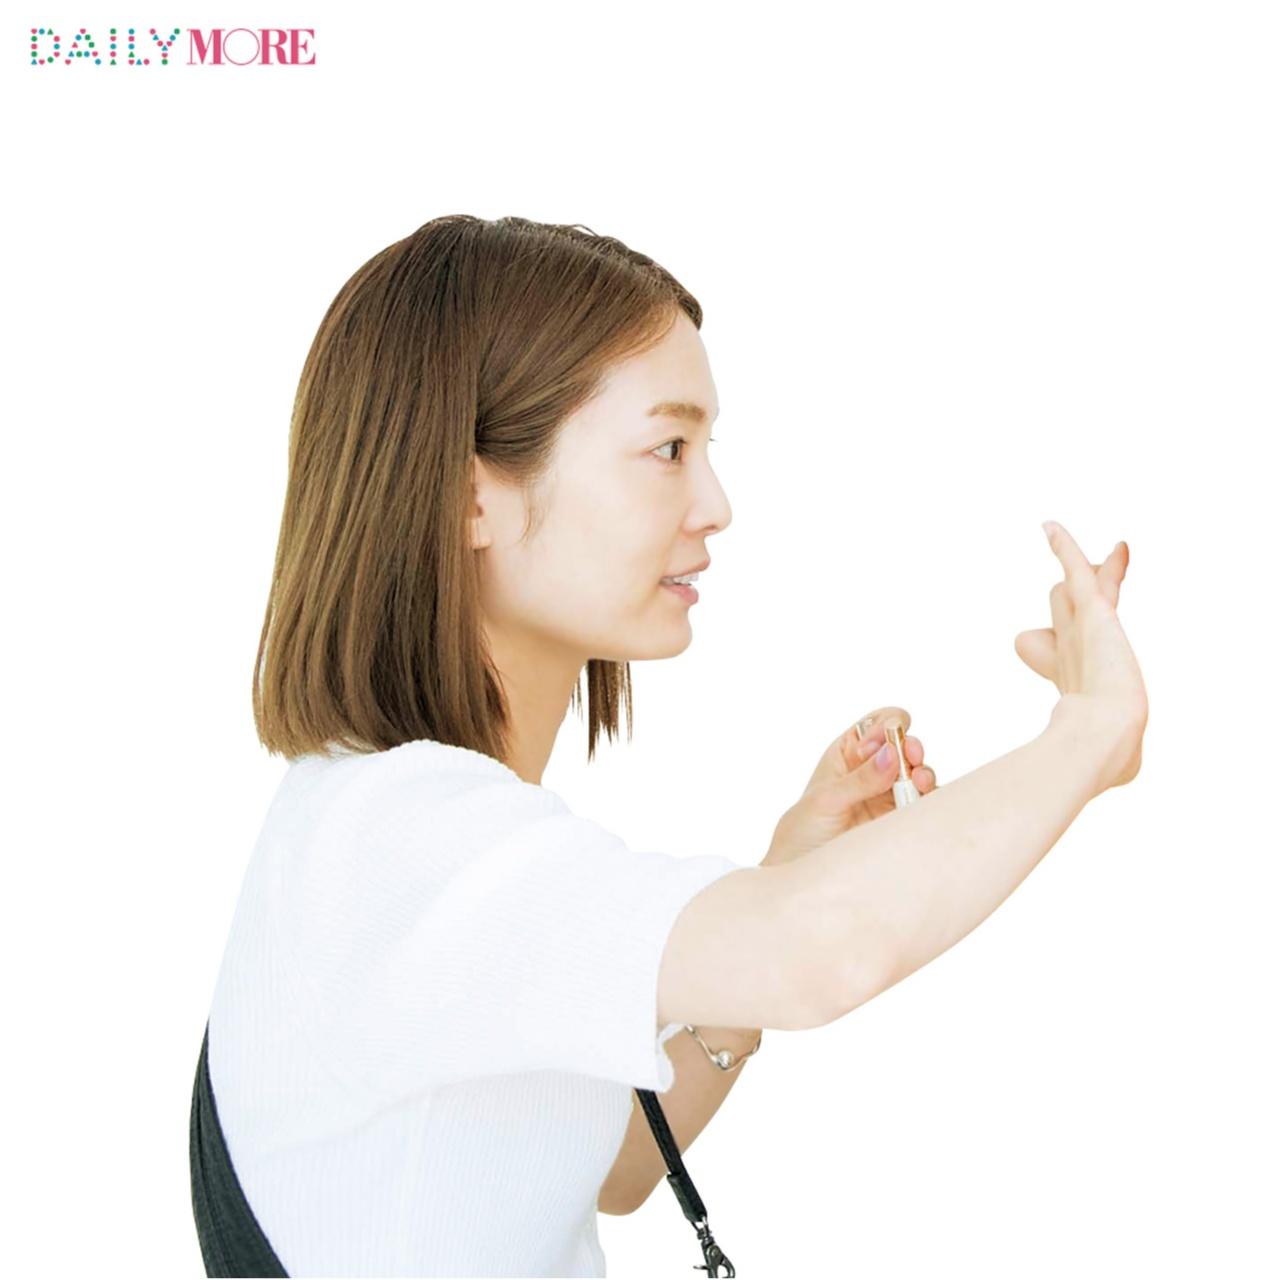 モデルみたいな美肌に! 人気ヘアメイク・川添カユミさんが教える「おしゃれ肌の極意」Q&A_1